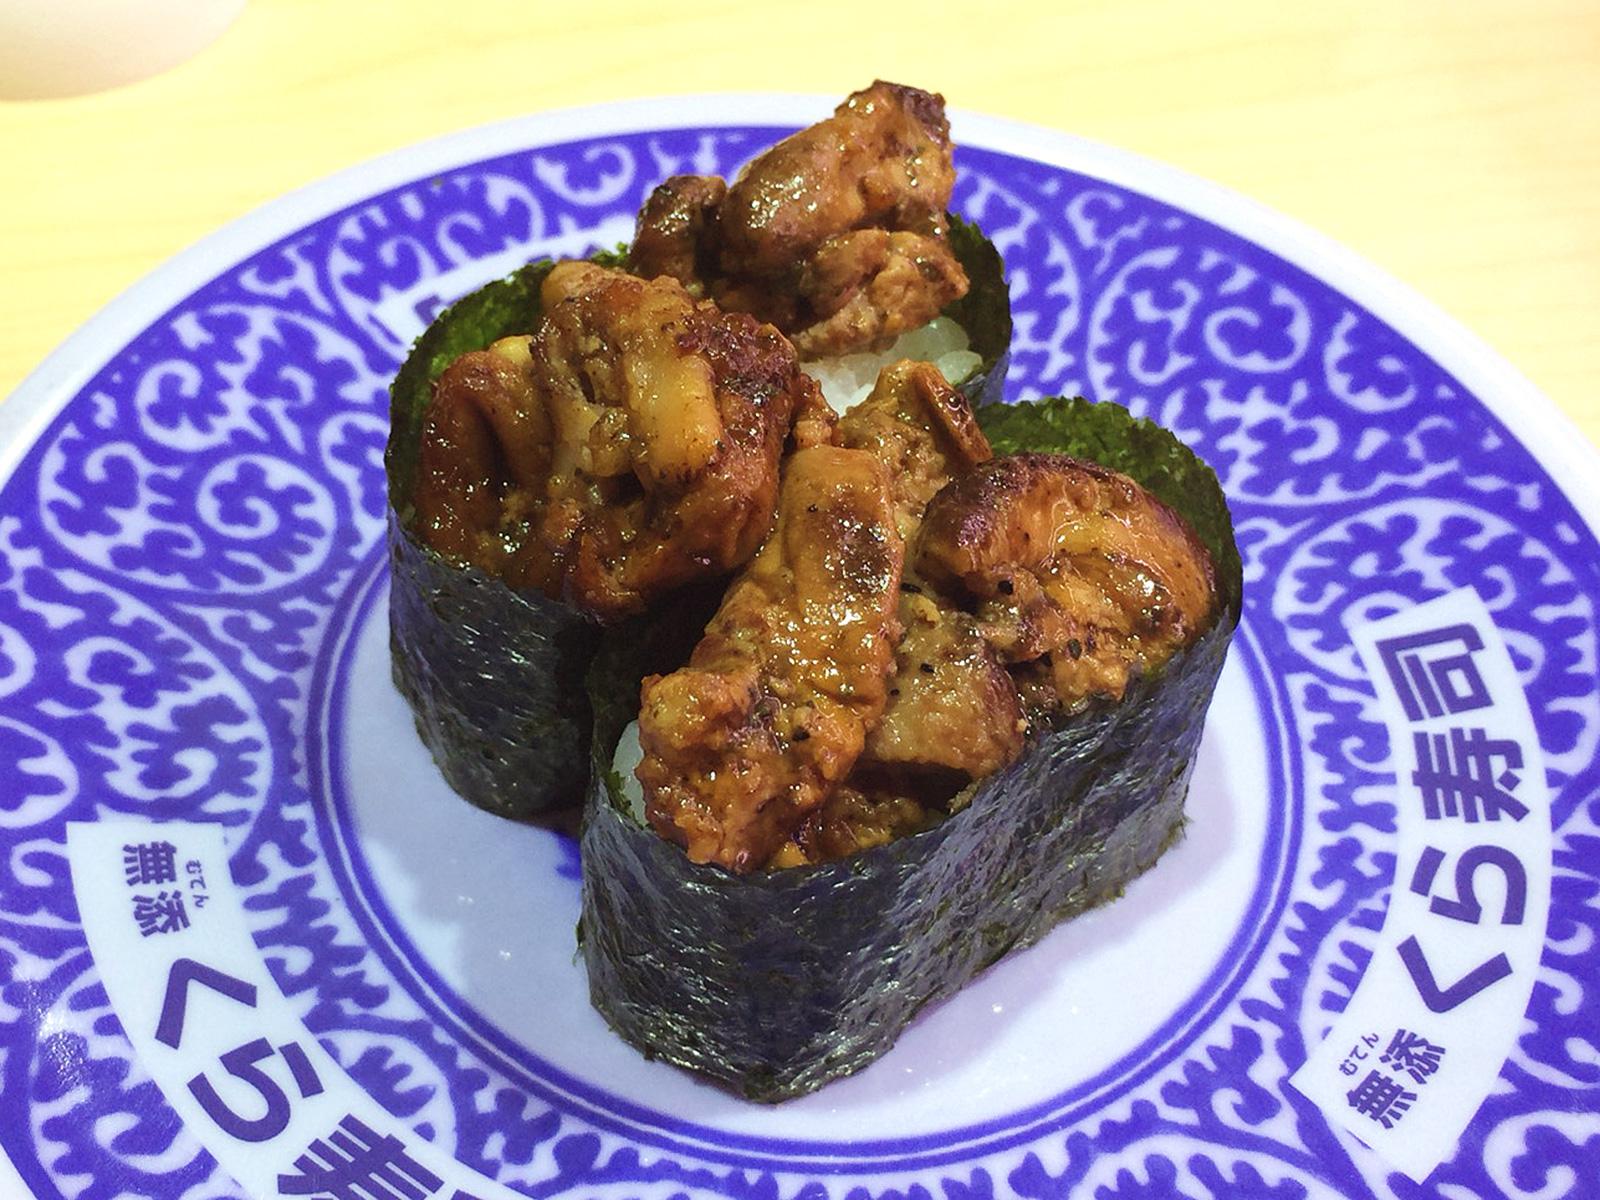 無添くら寿司甚目寺店のシャリカレーパンとお寿司 @甚目寺